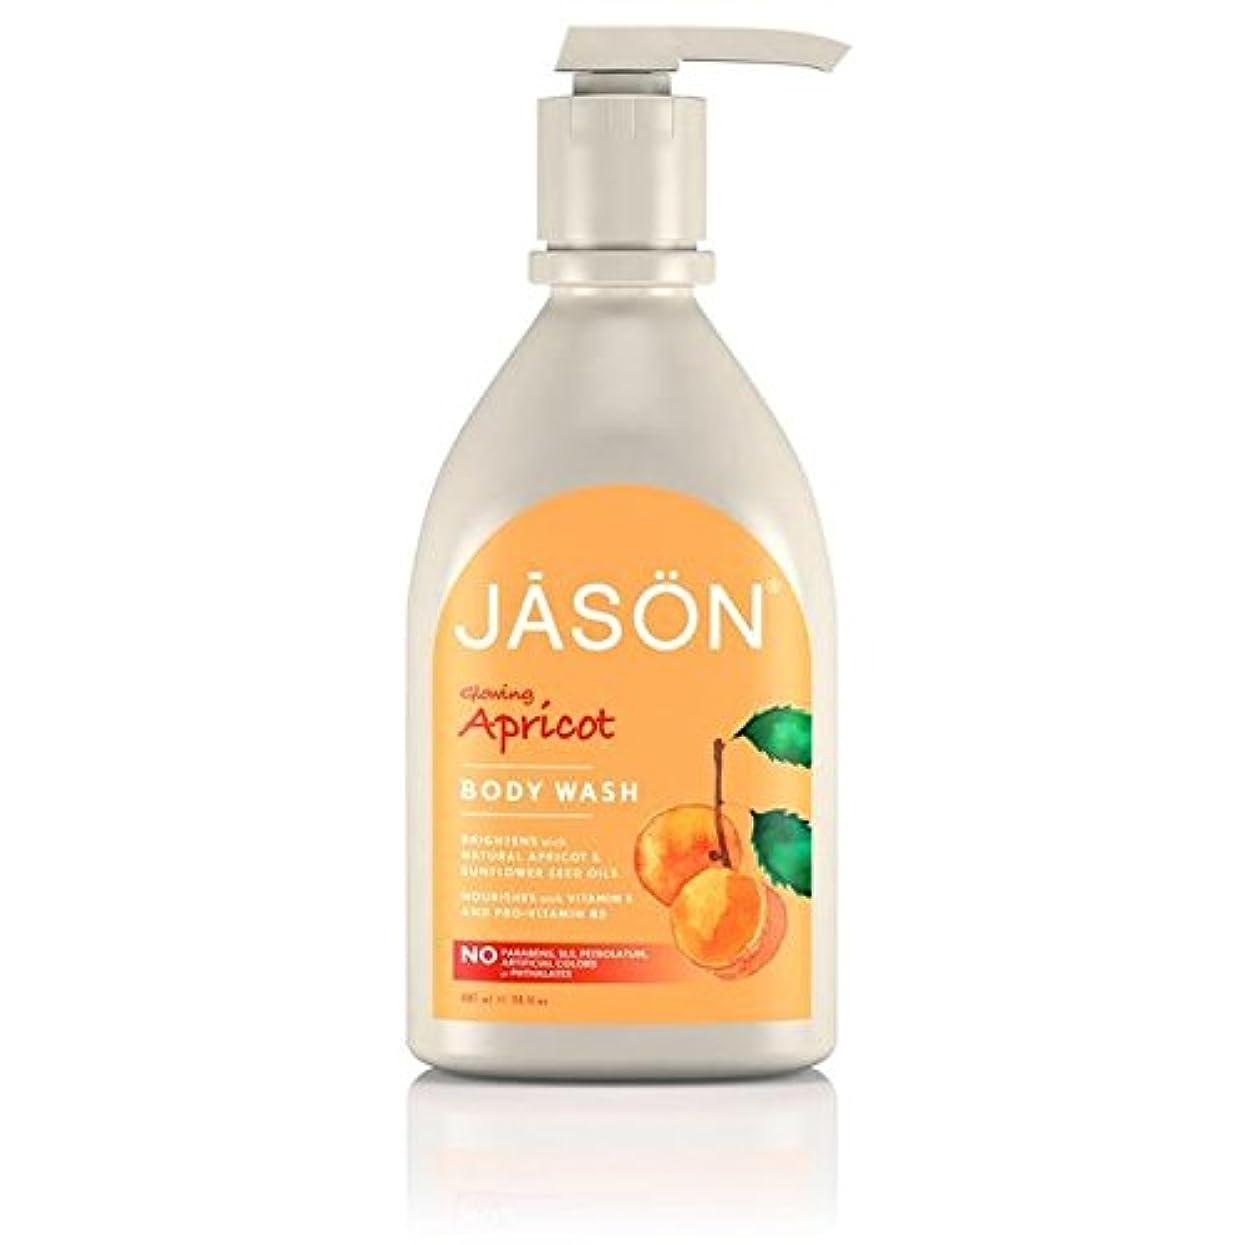 こどもの宮殿解く細断Jason Apricot Satin Body Wash Pump 900ml (Pack of 6) - ジェイソン?アプリコットサテンボディウォッシュポンプ900ミリリットル x6 [並行輸入品]